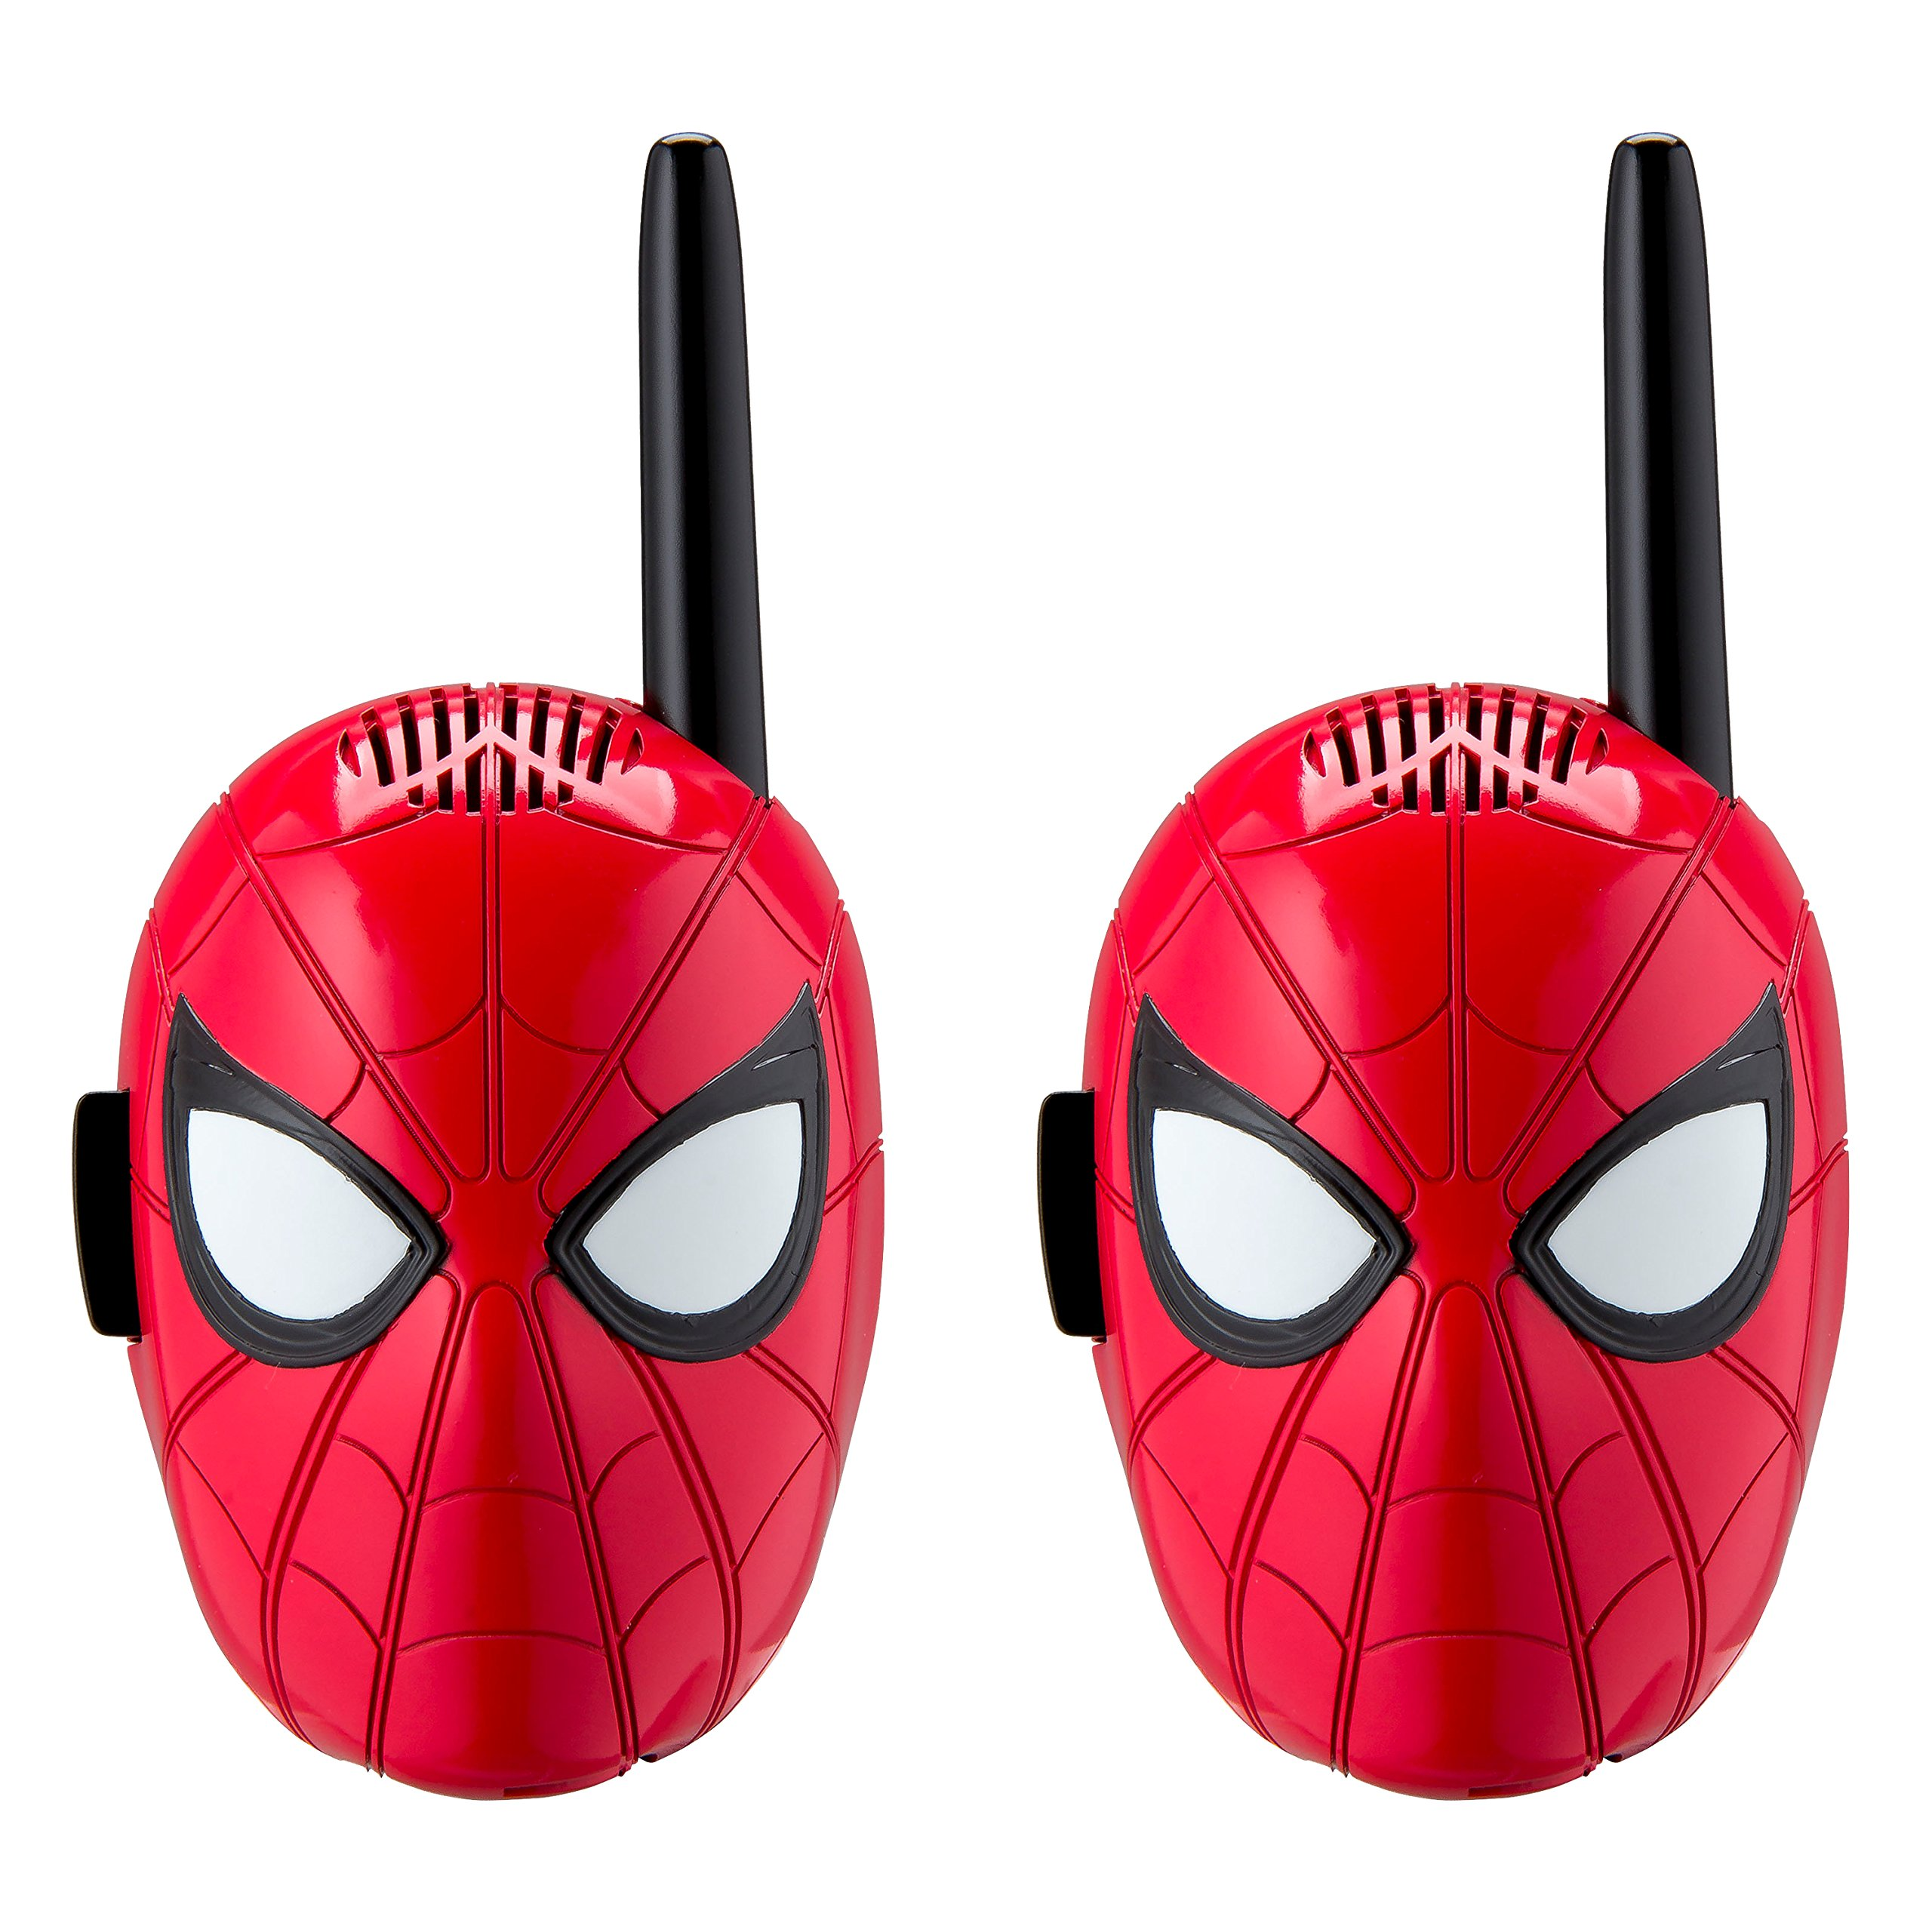 Spiderman Walkie Talkies for Kids Static Free Extended Range Kid Friendly Easy to Use 2 Way Walkie Talkies